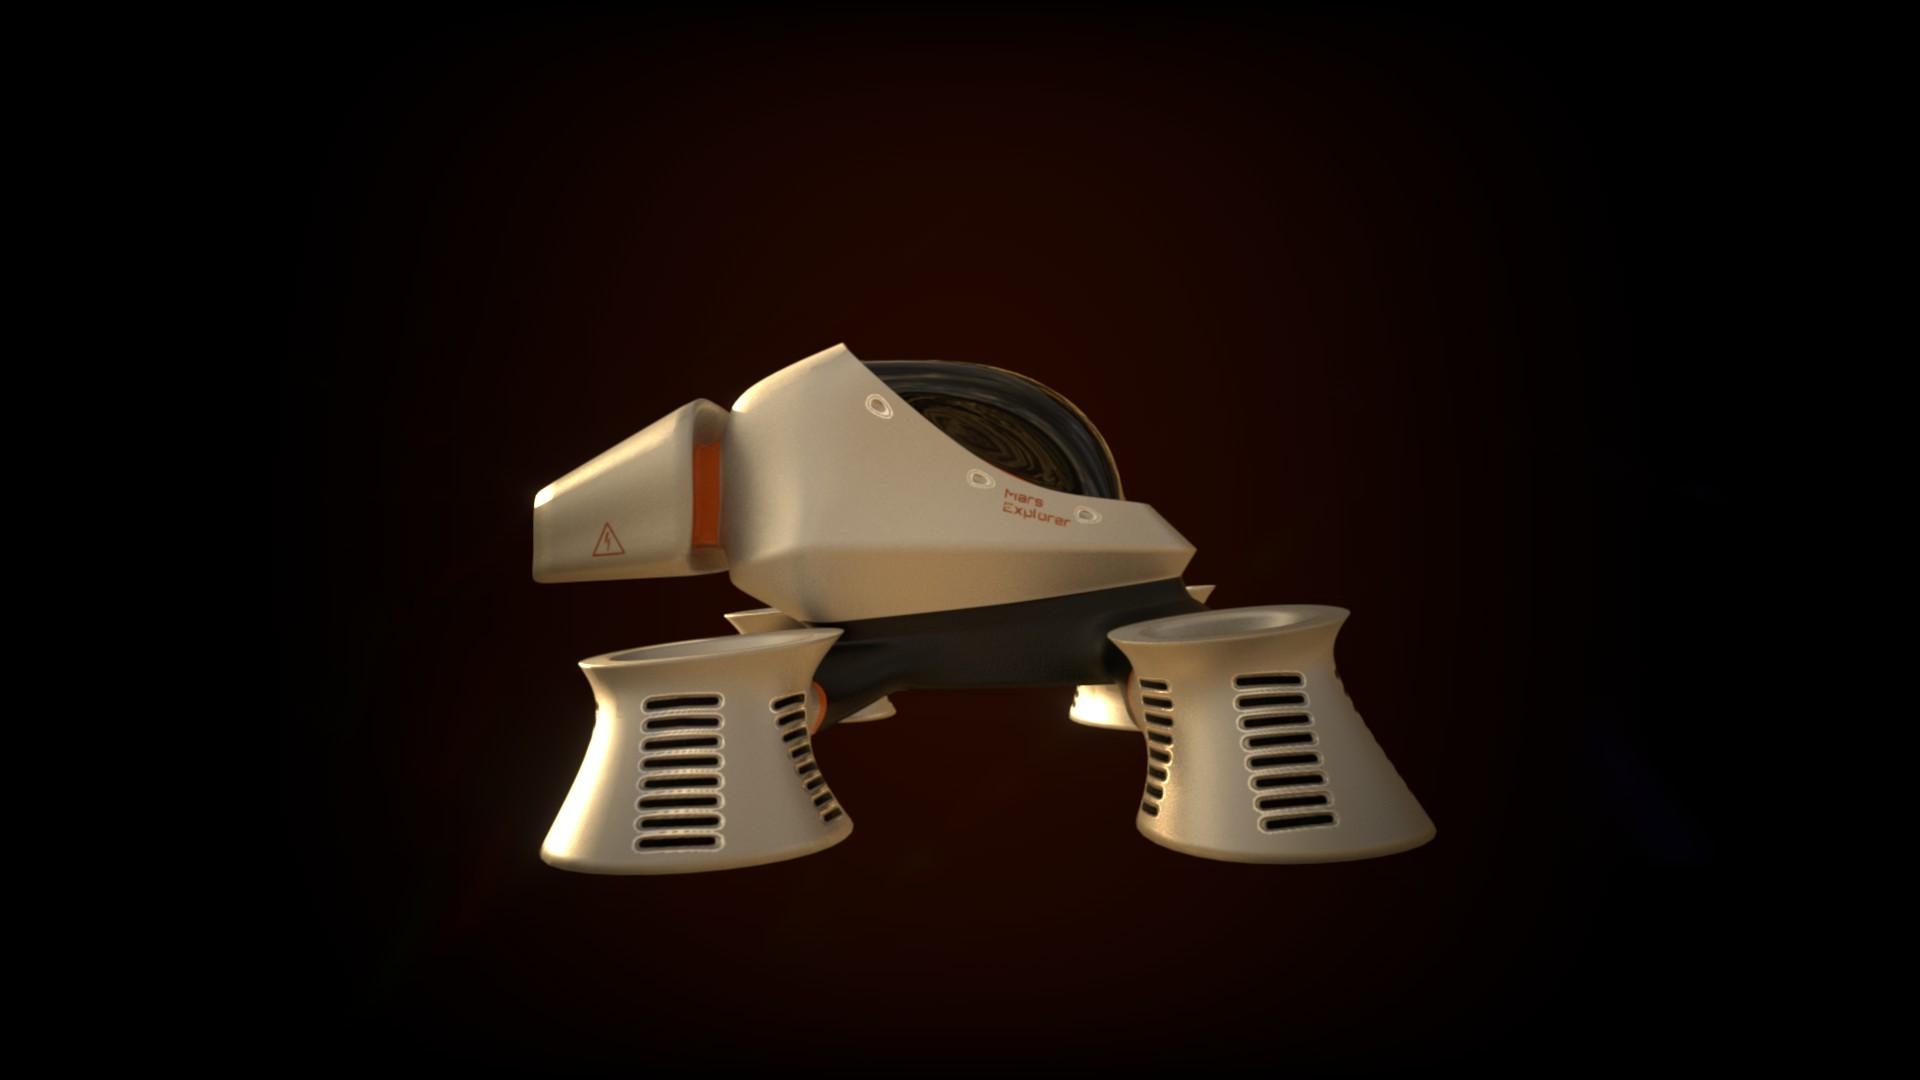 Emanuel cacciola drone v2 9